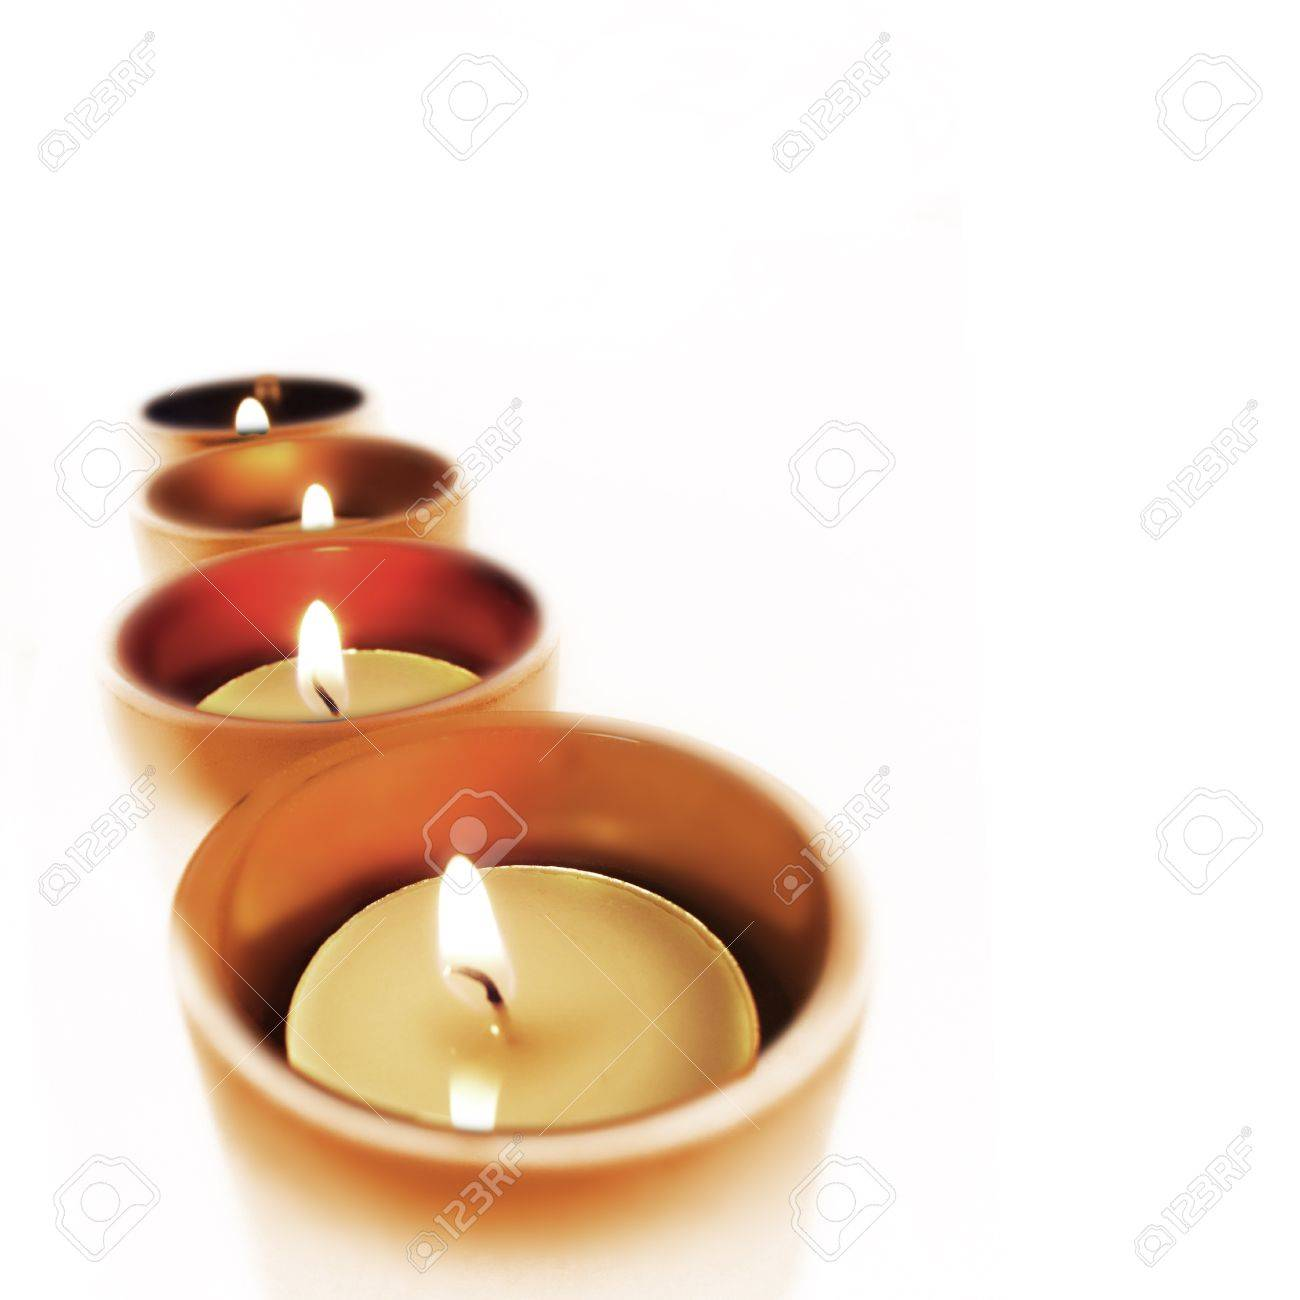 Cuatro equipaje de mano que guarda de cristal con velas encendidas Foto de archivo - 13343703